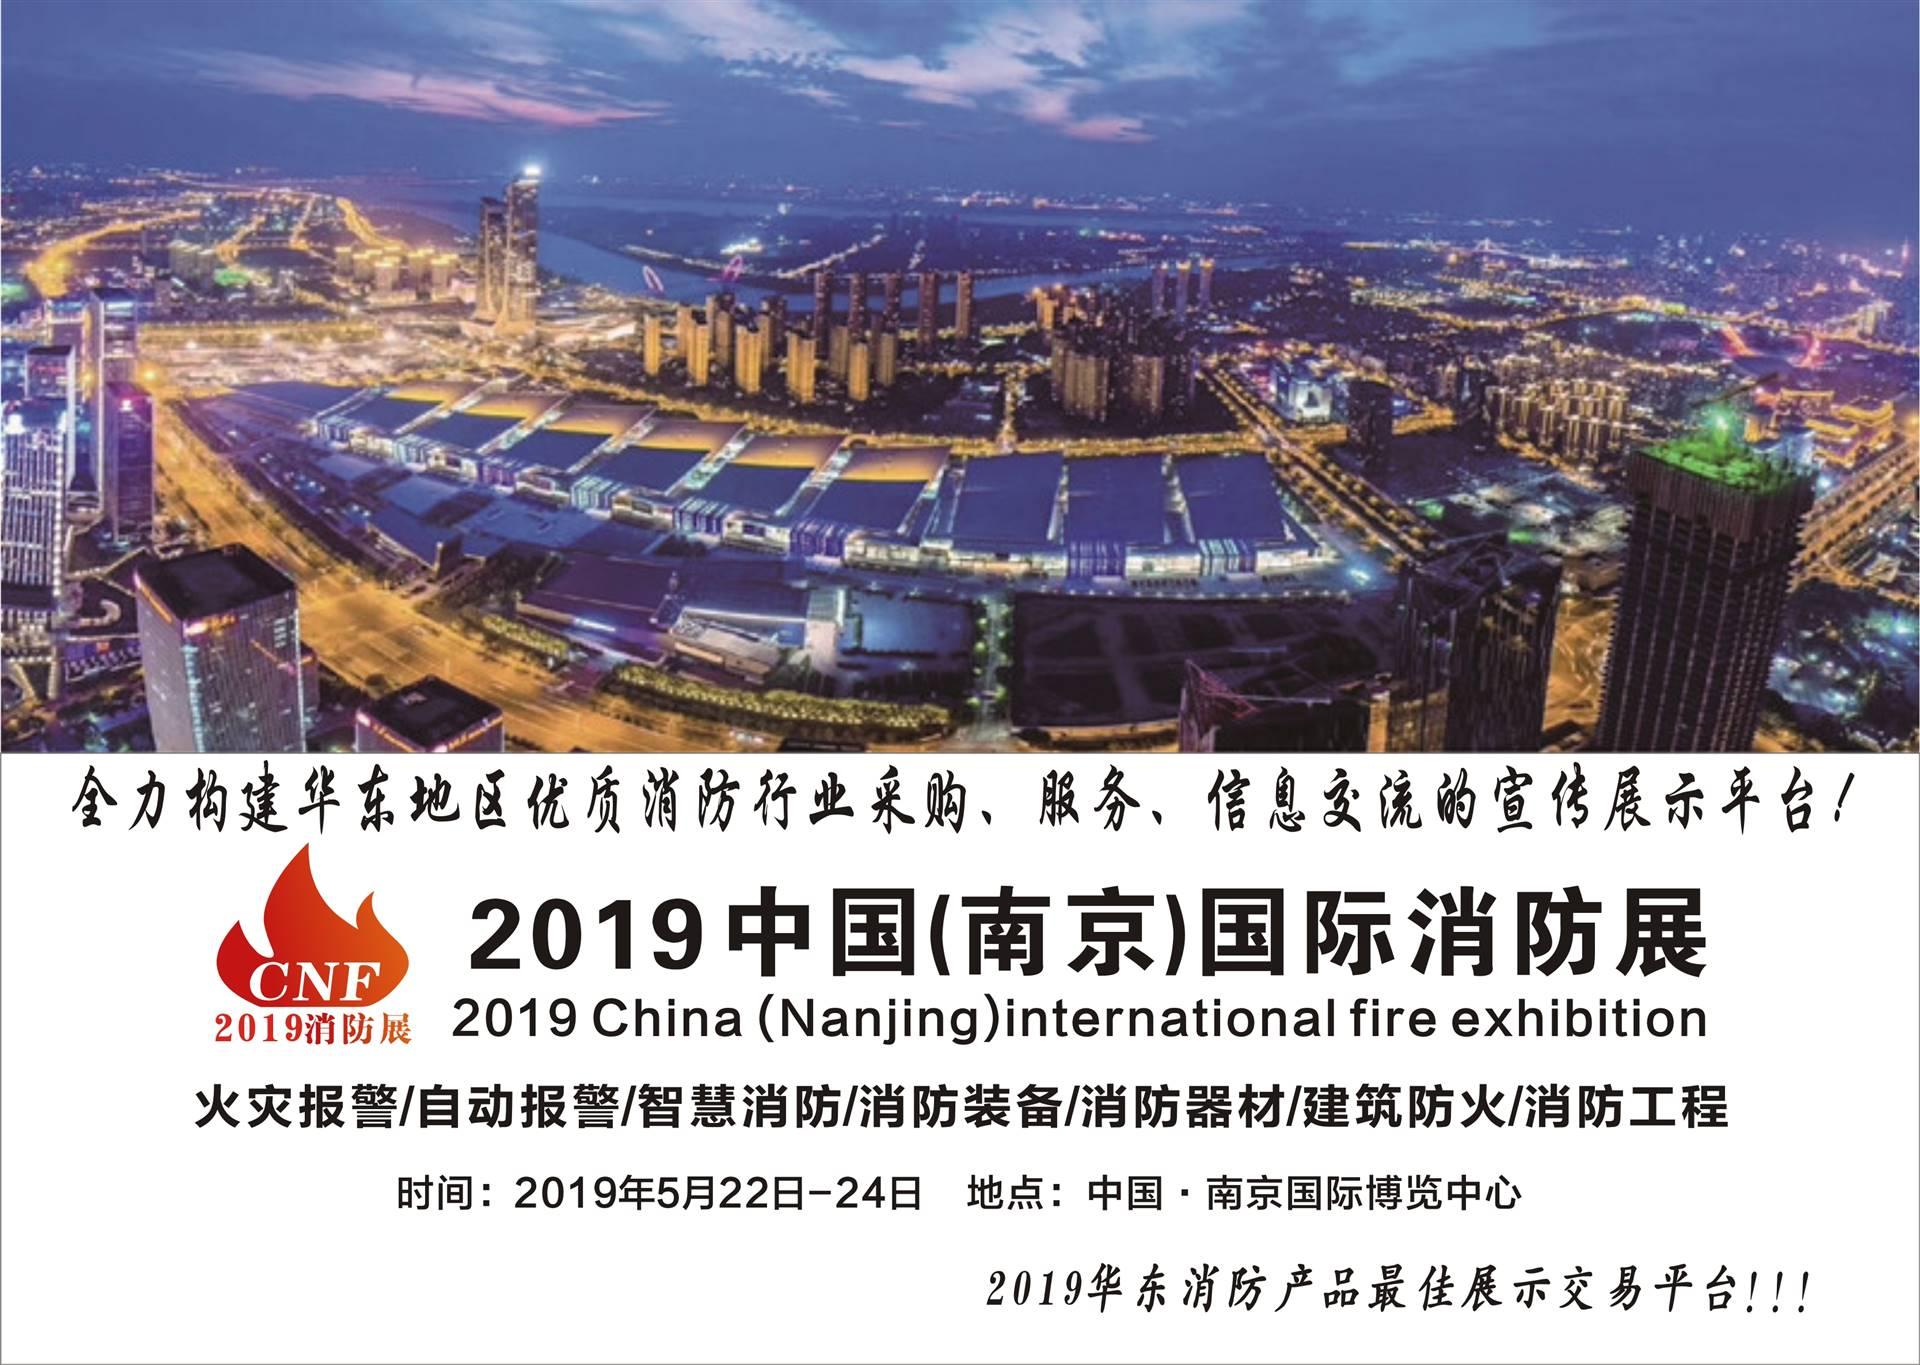 2019南京消防展会-江苏消防展会-2019年南京消防展